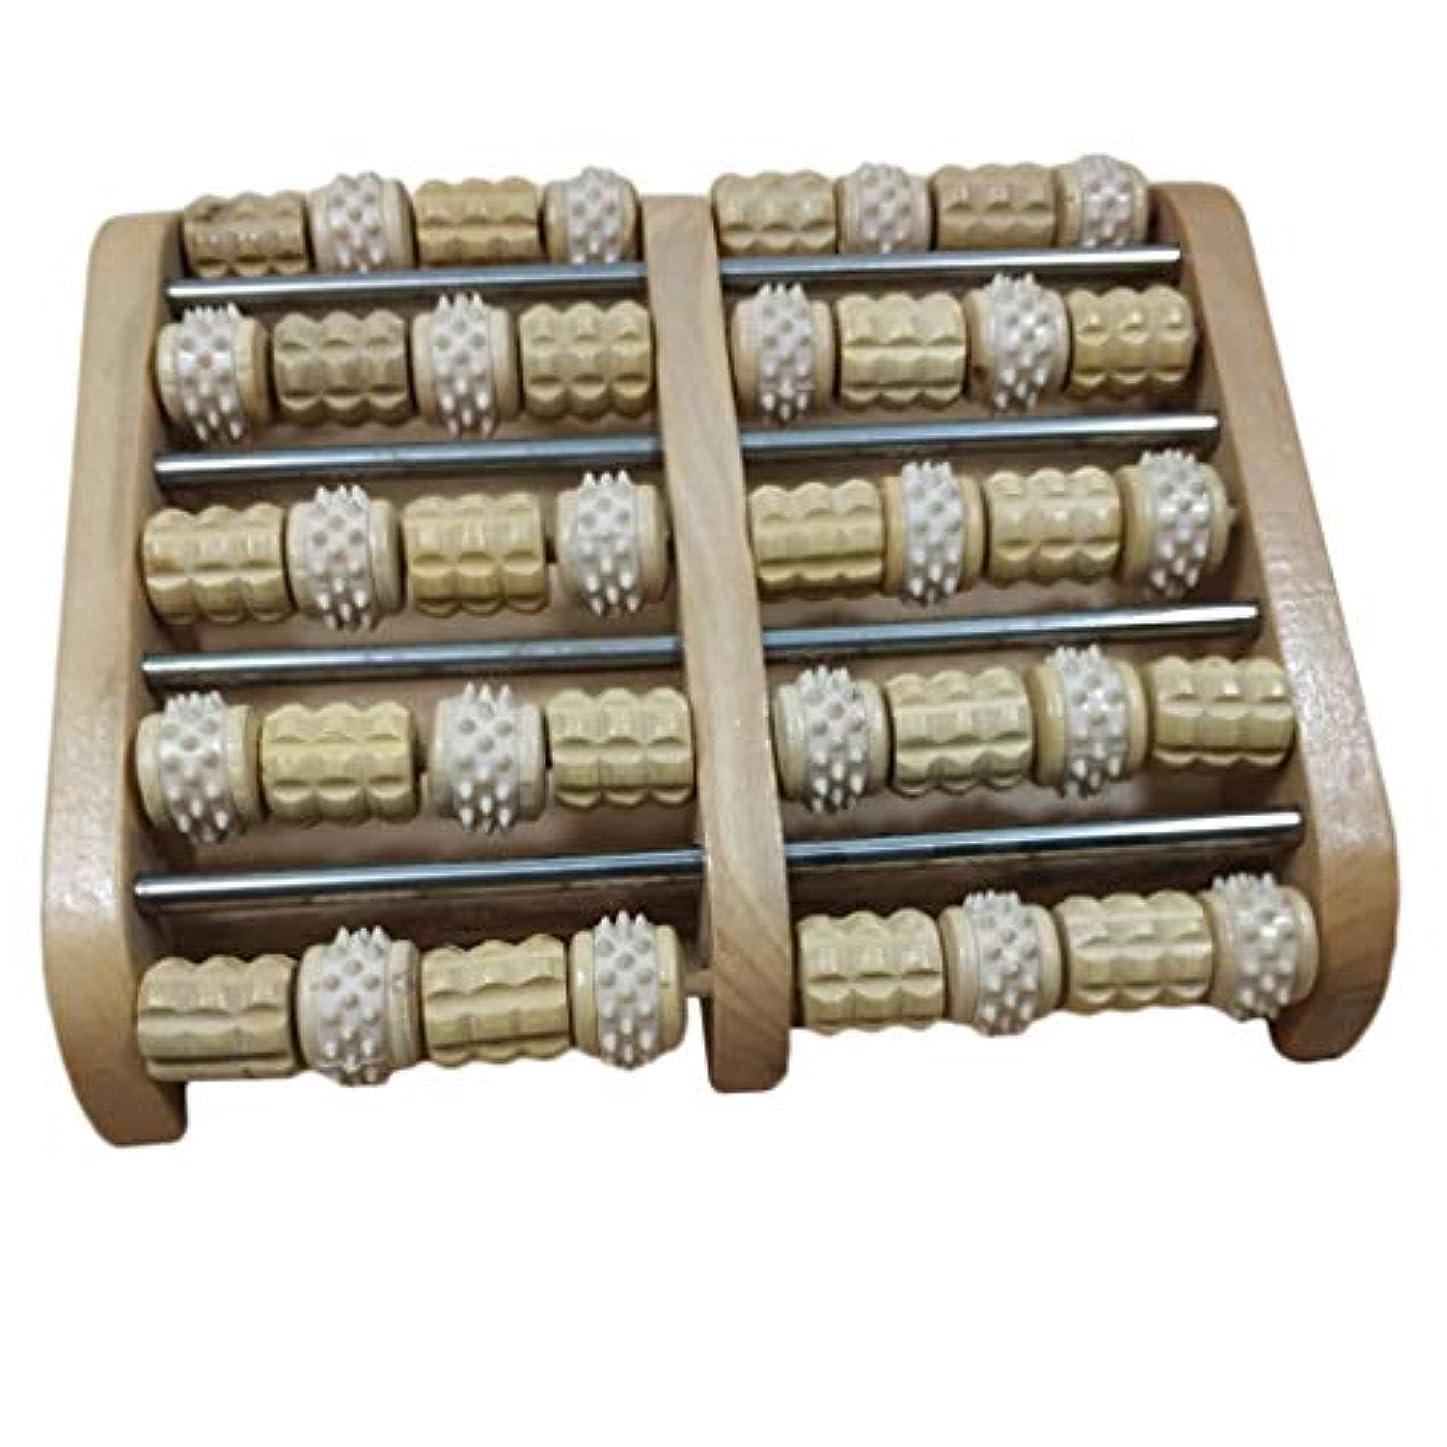 ブラウンテンポ家庭教師Baoblaze デュアルフットマッサージローラー 家庭用 サロン用 フットマッサージ 木製 高品質